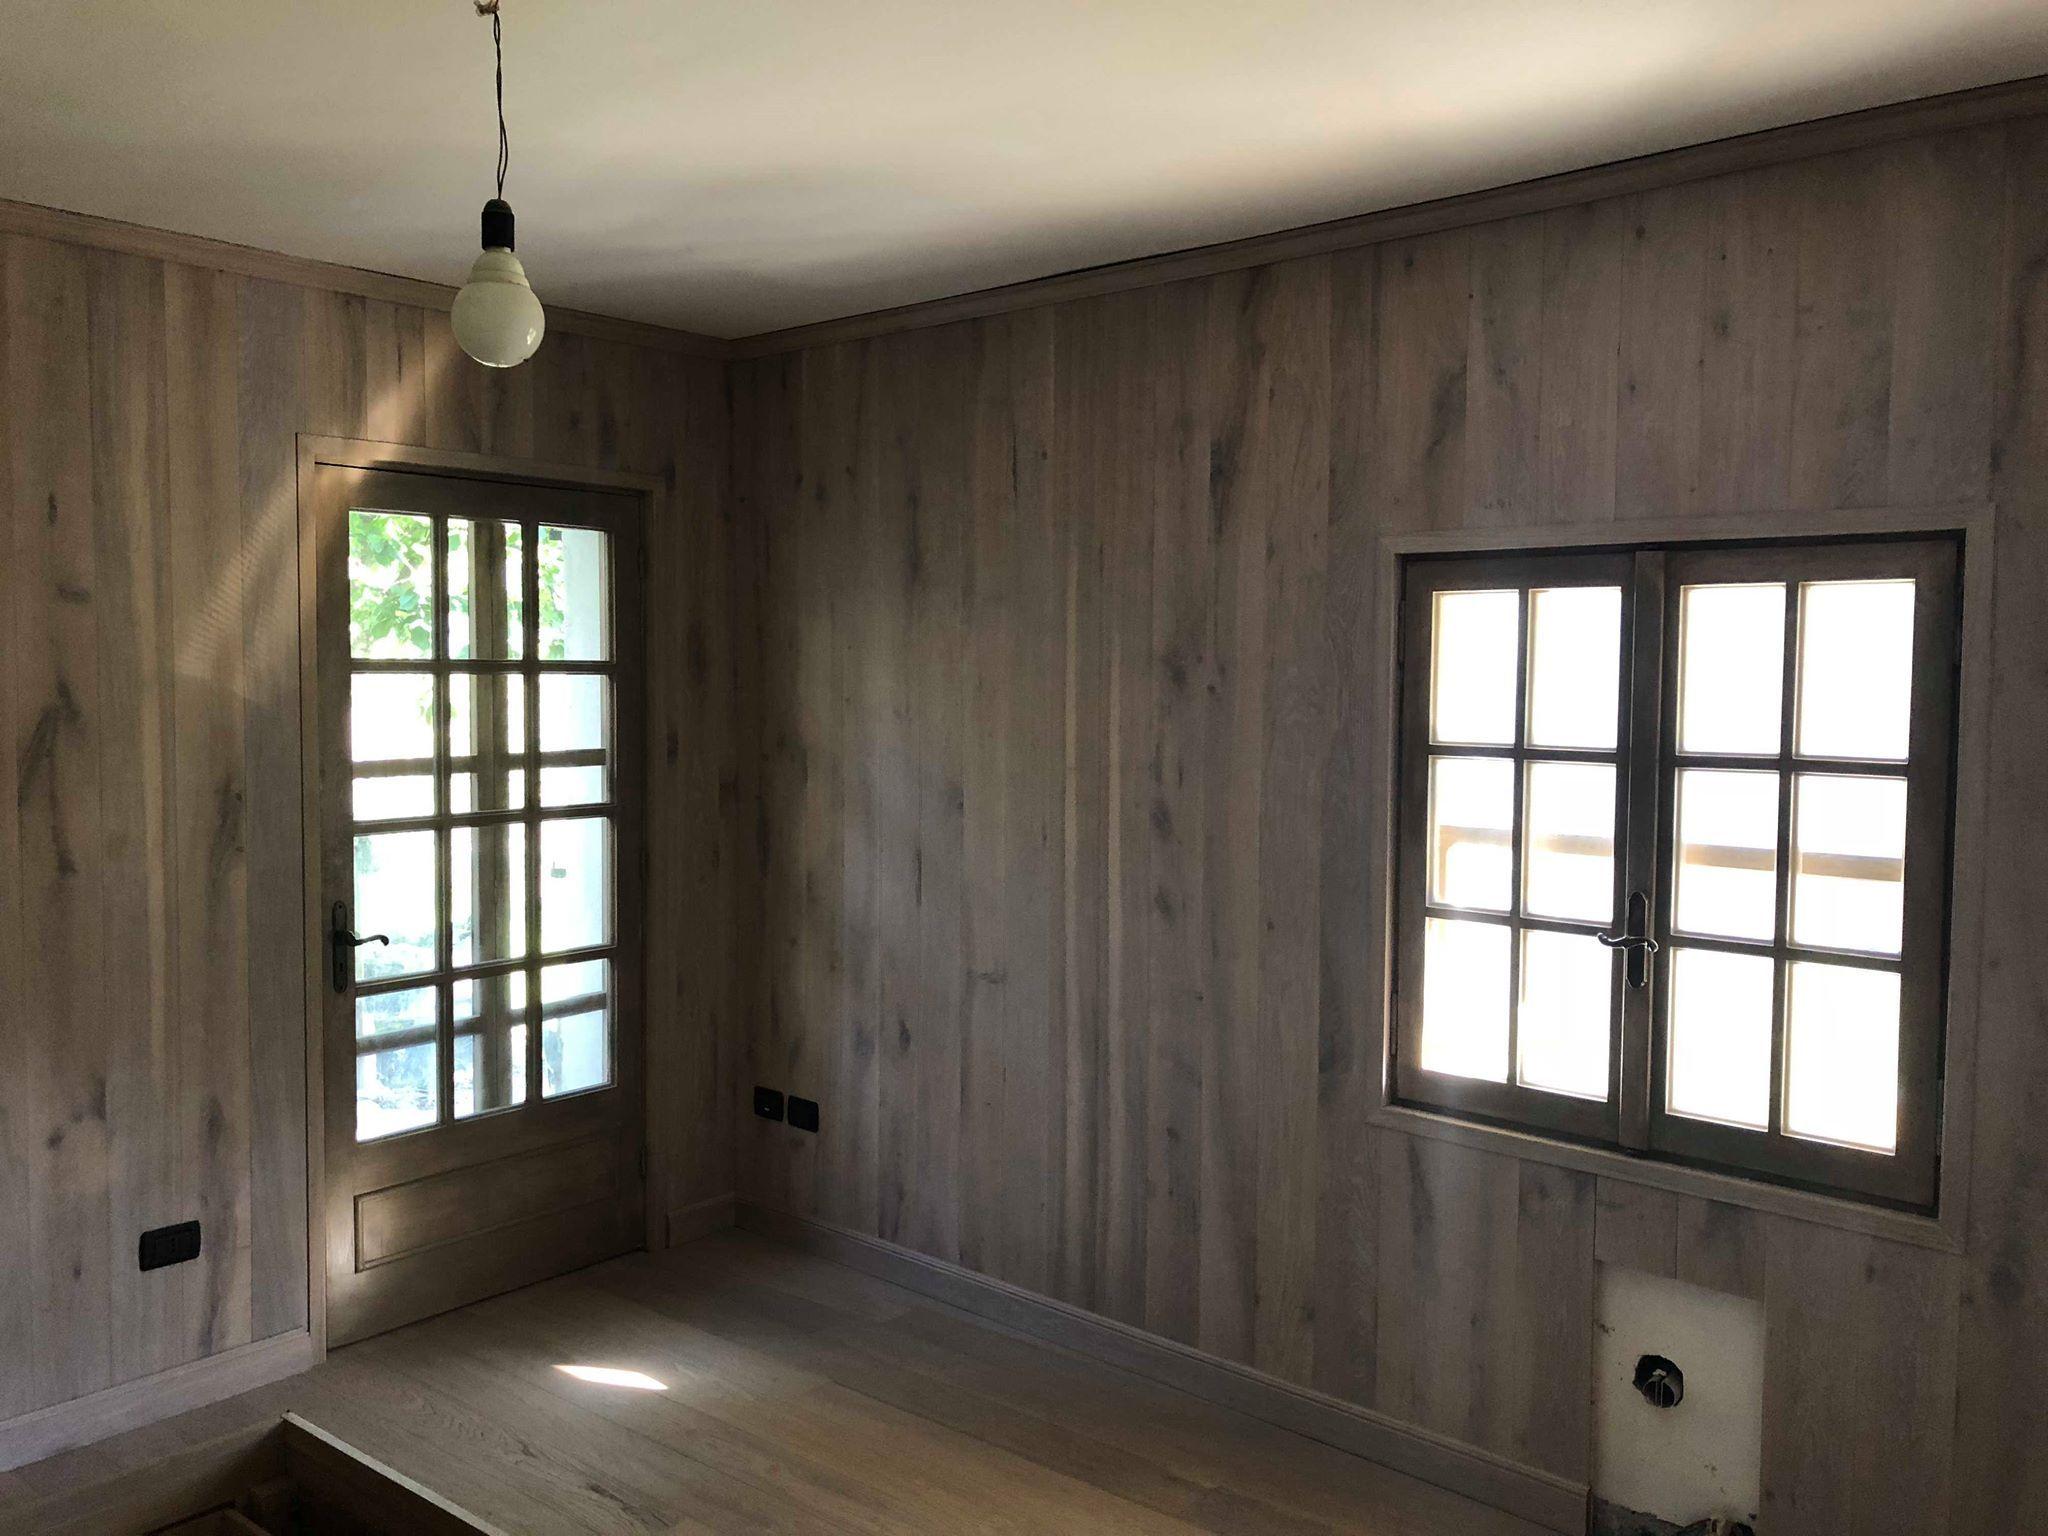 Camera Da Letto Con Boiserie : Camera da letto con armadio a ponte letto con cassetti preti